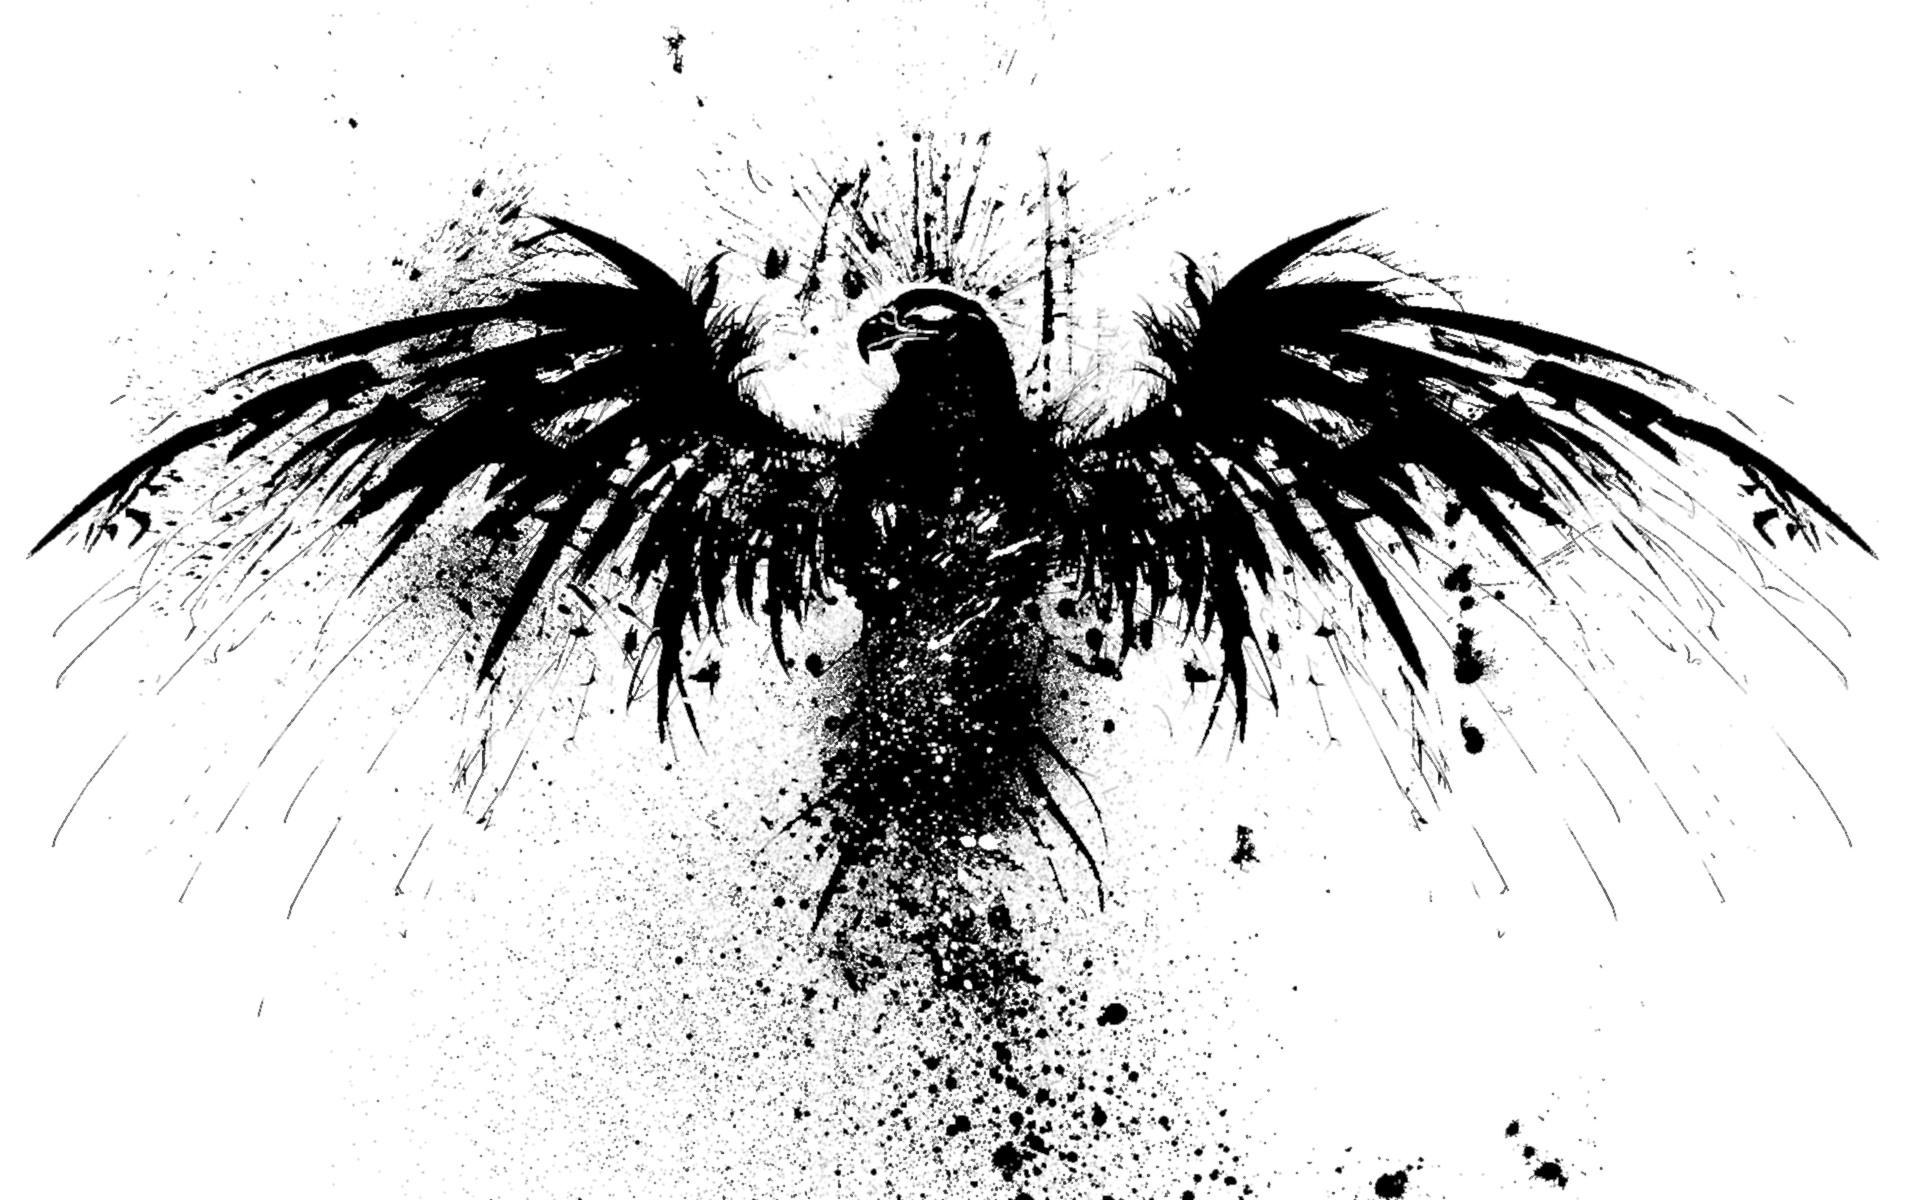 Eagle Splatter wallpaper